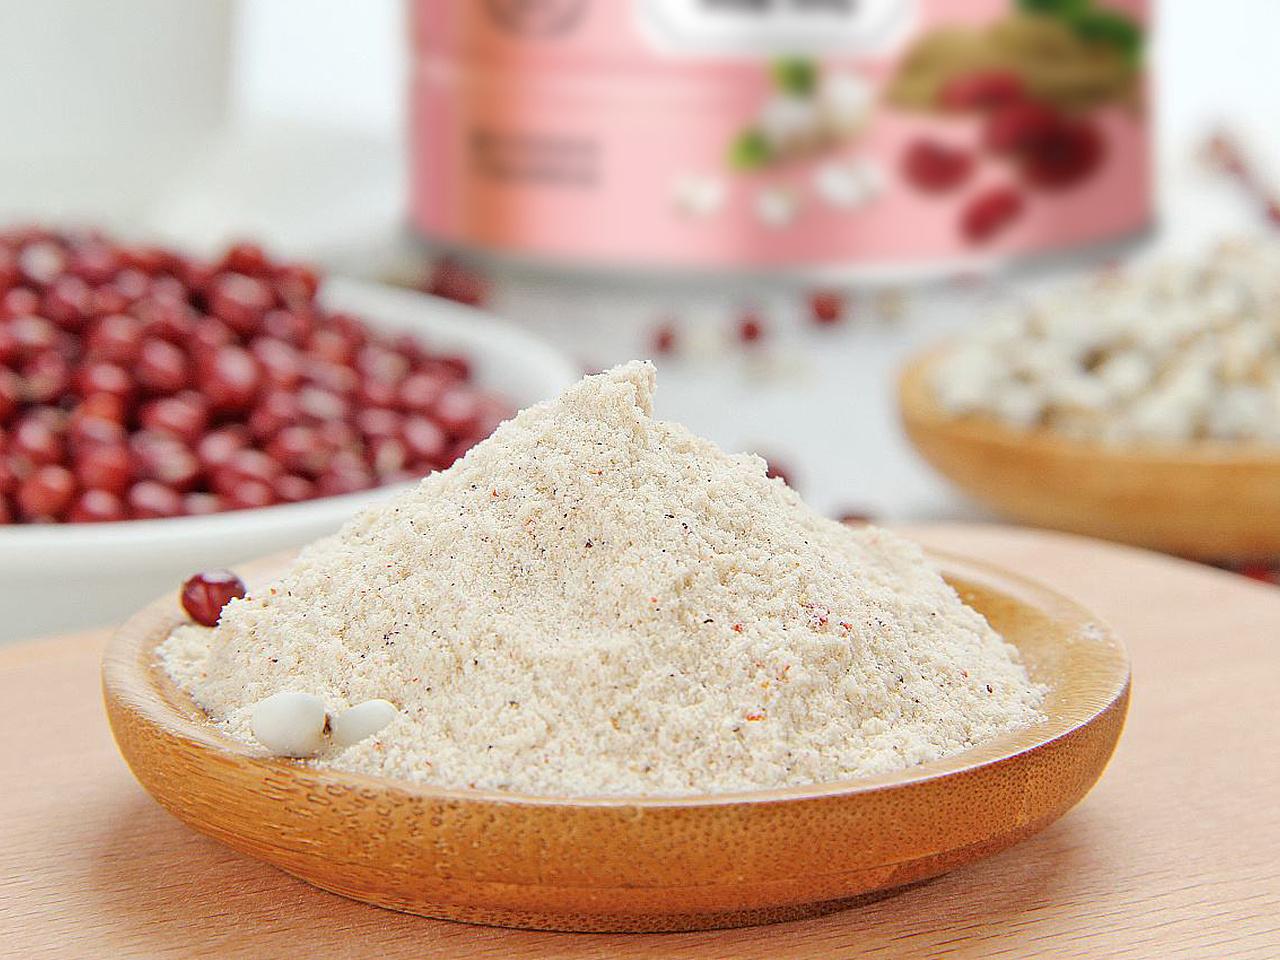 代餐粉的功效及作用,减肥营养保健促消化